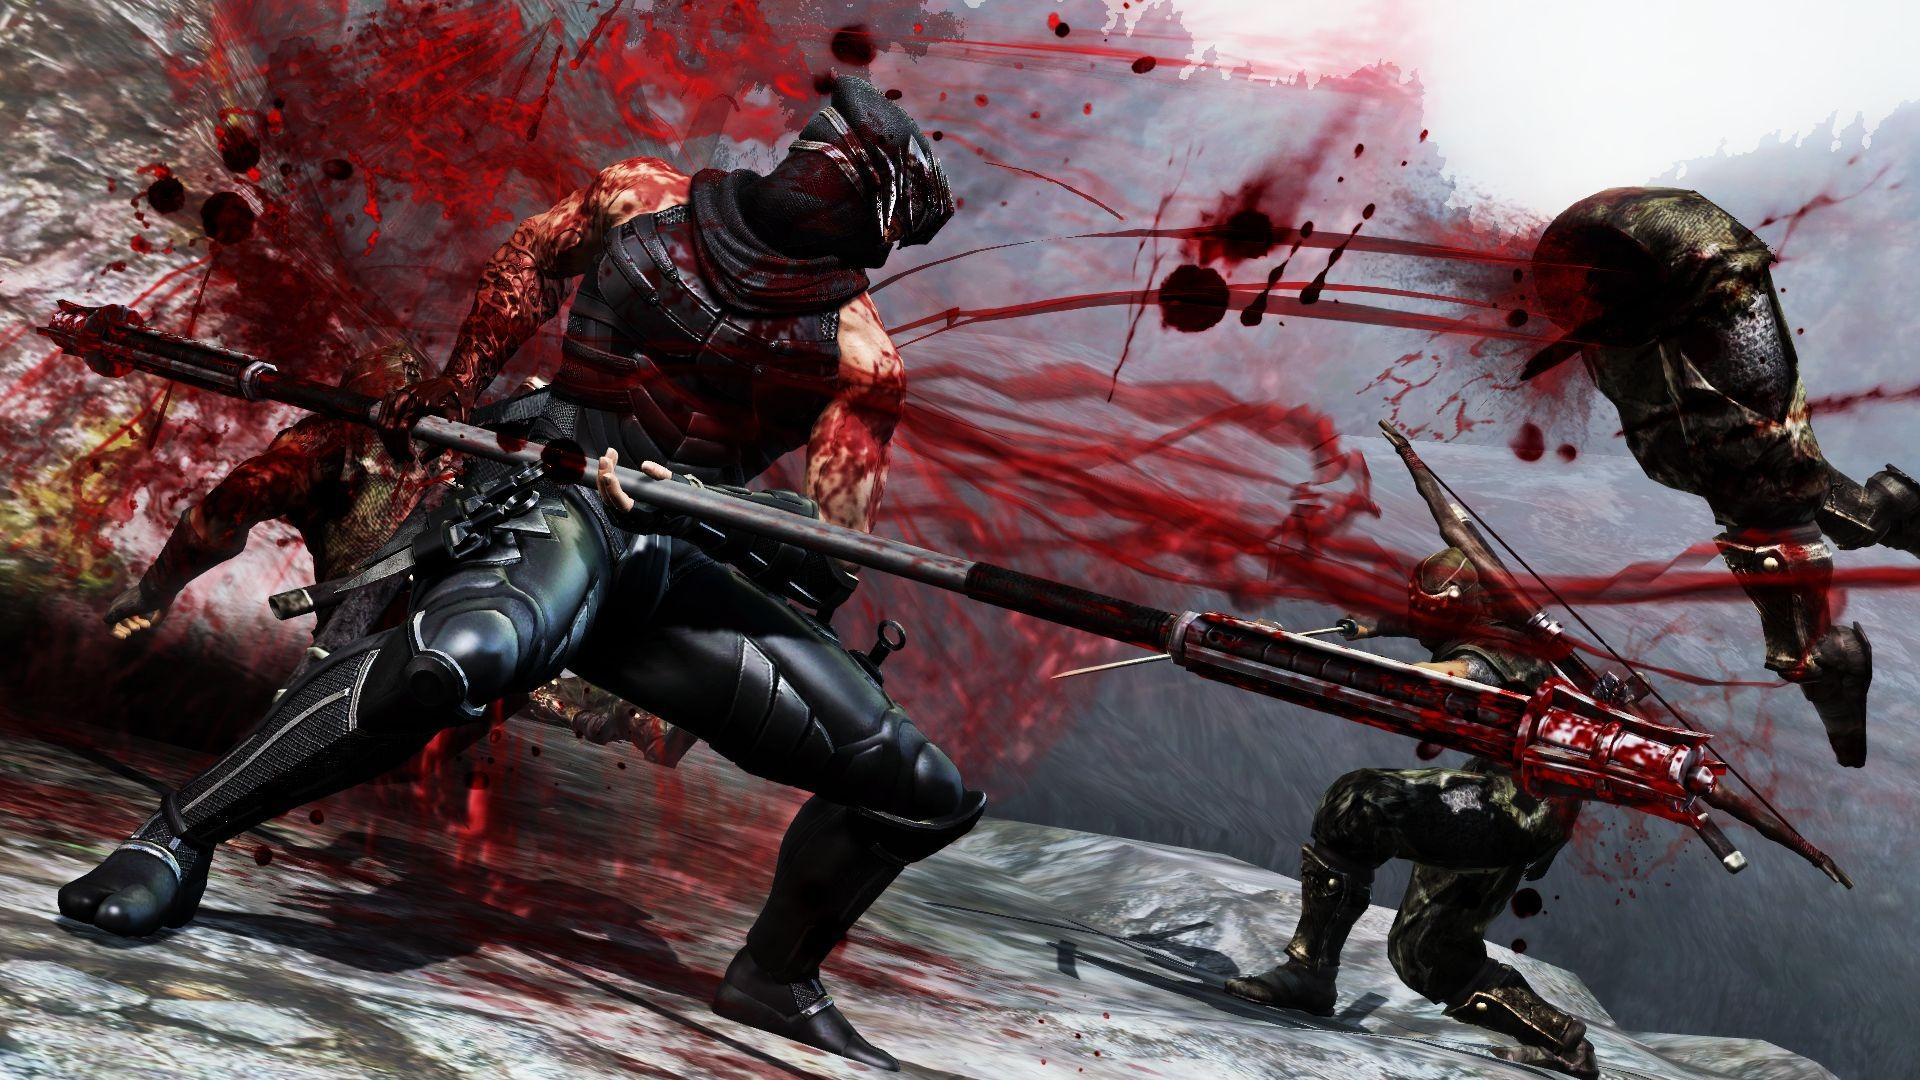 ninja gaiden 3 razors edge ps3 cheats